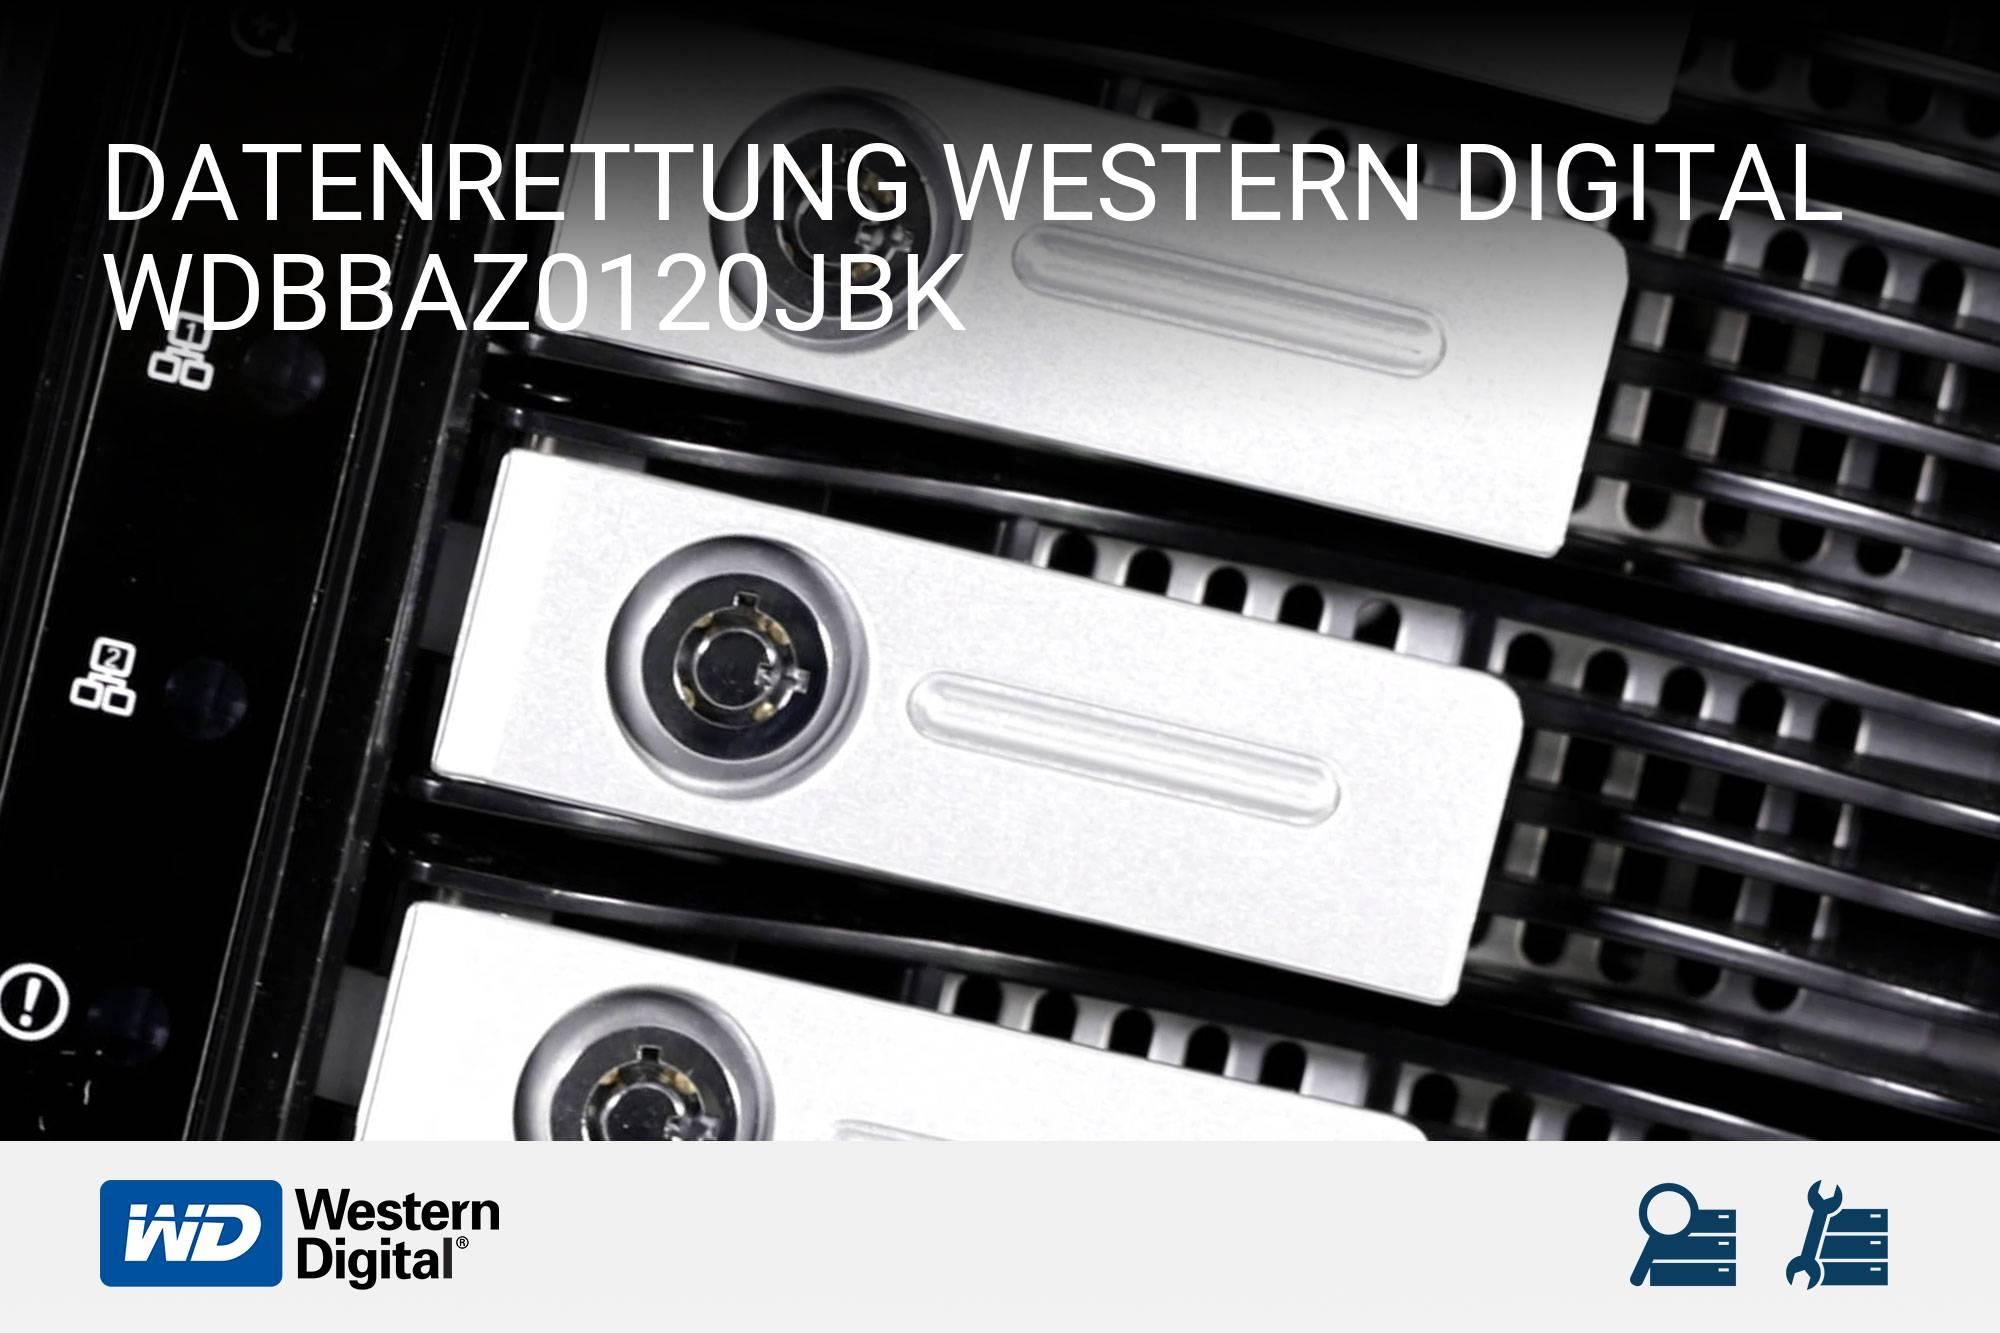 Western Digital WDBBAZ0120JBK